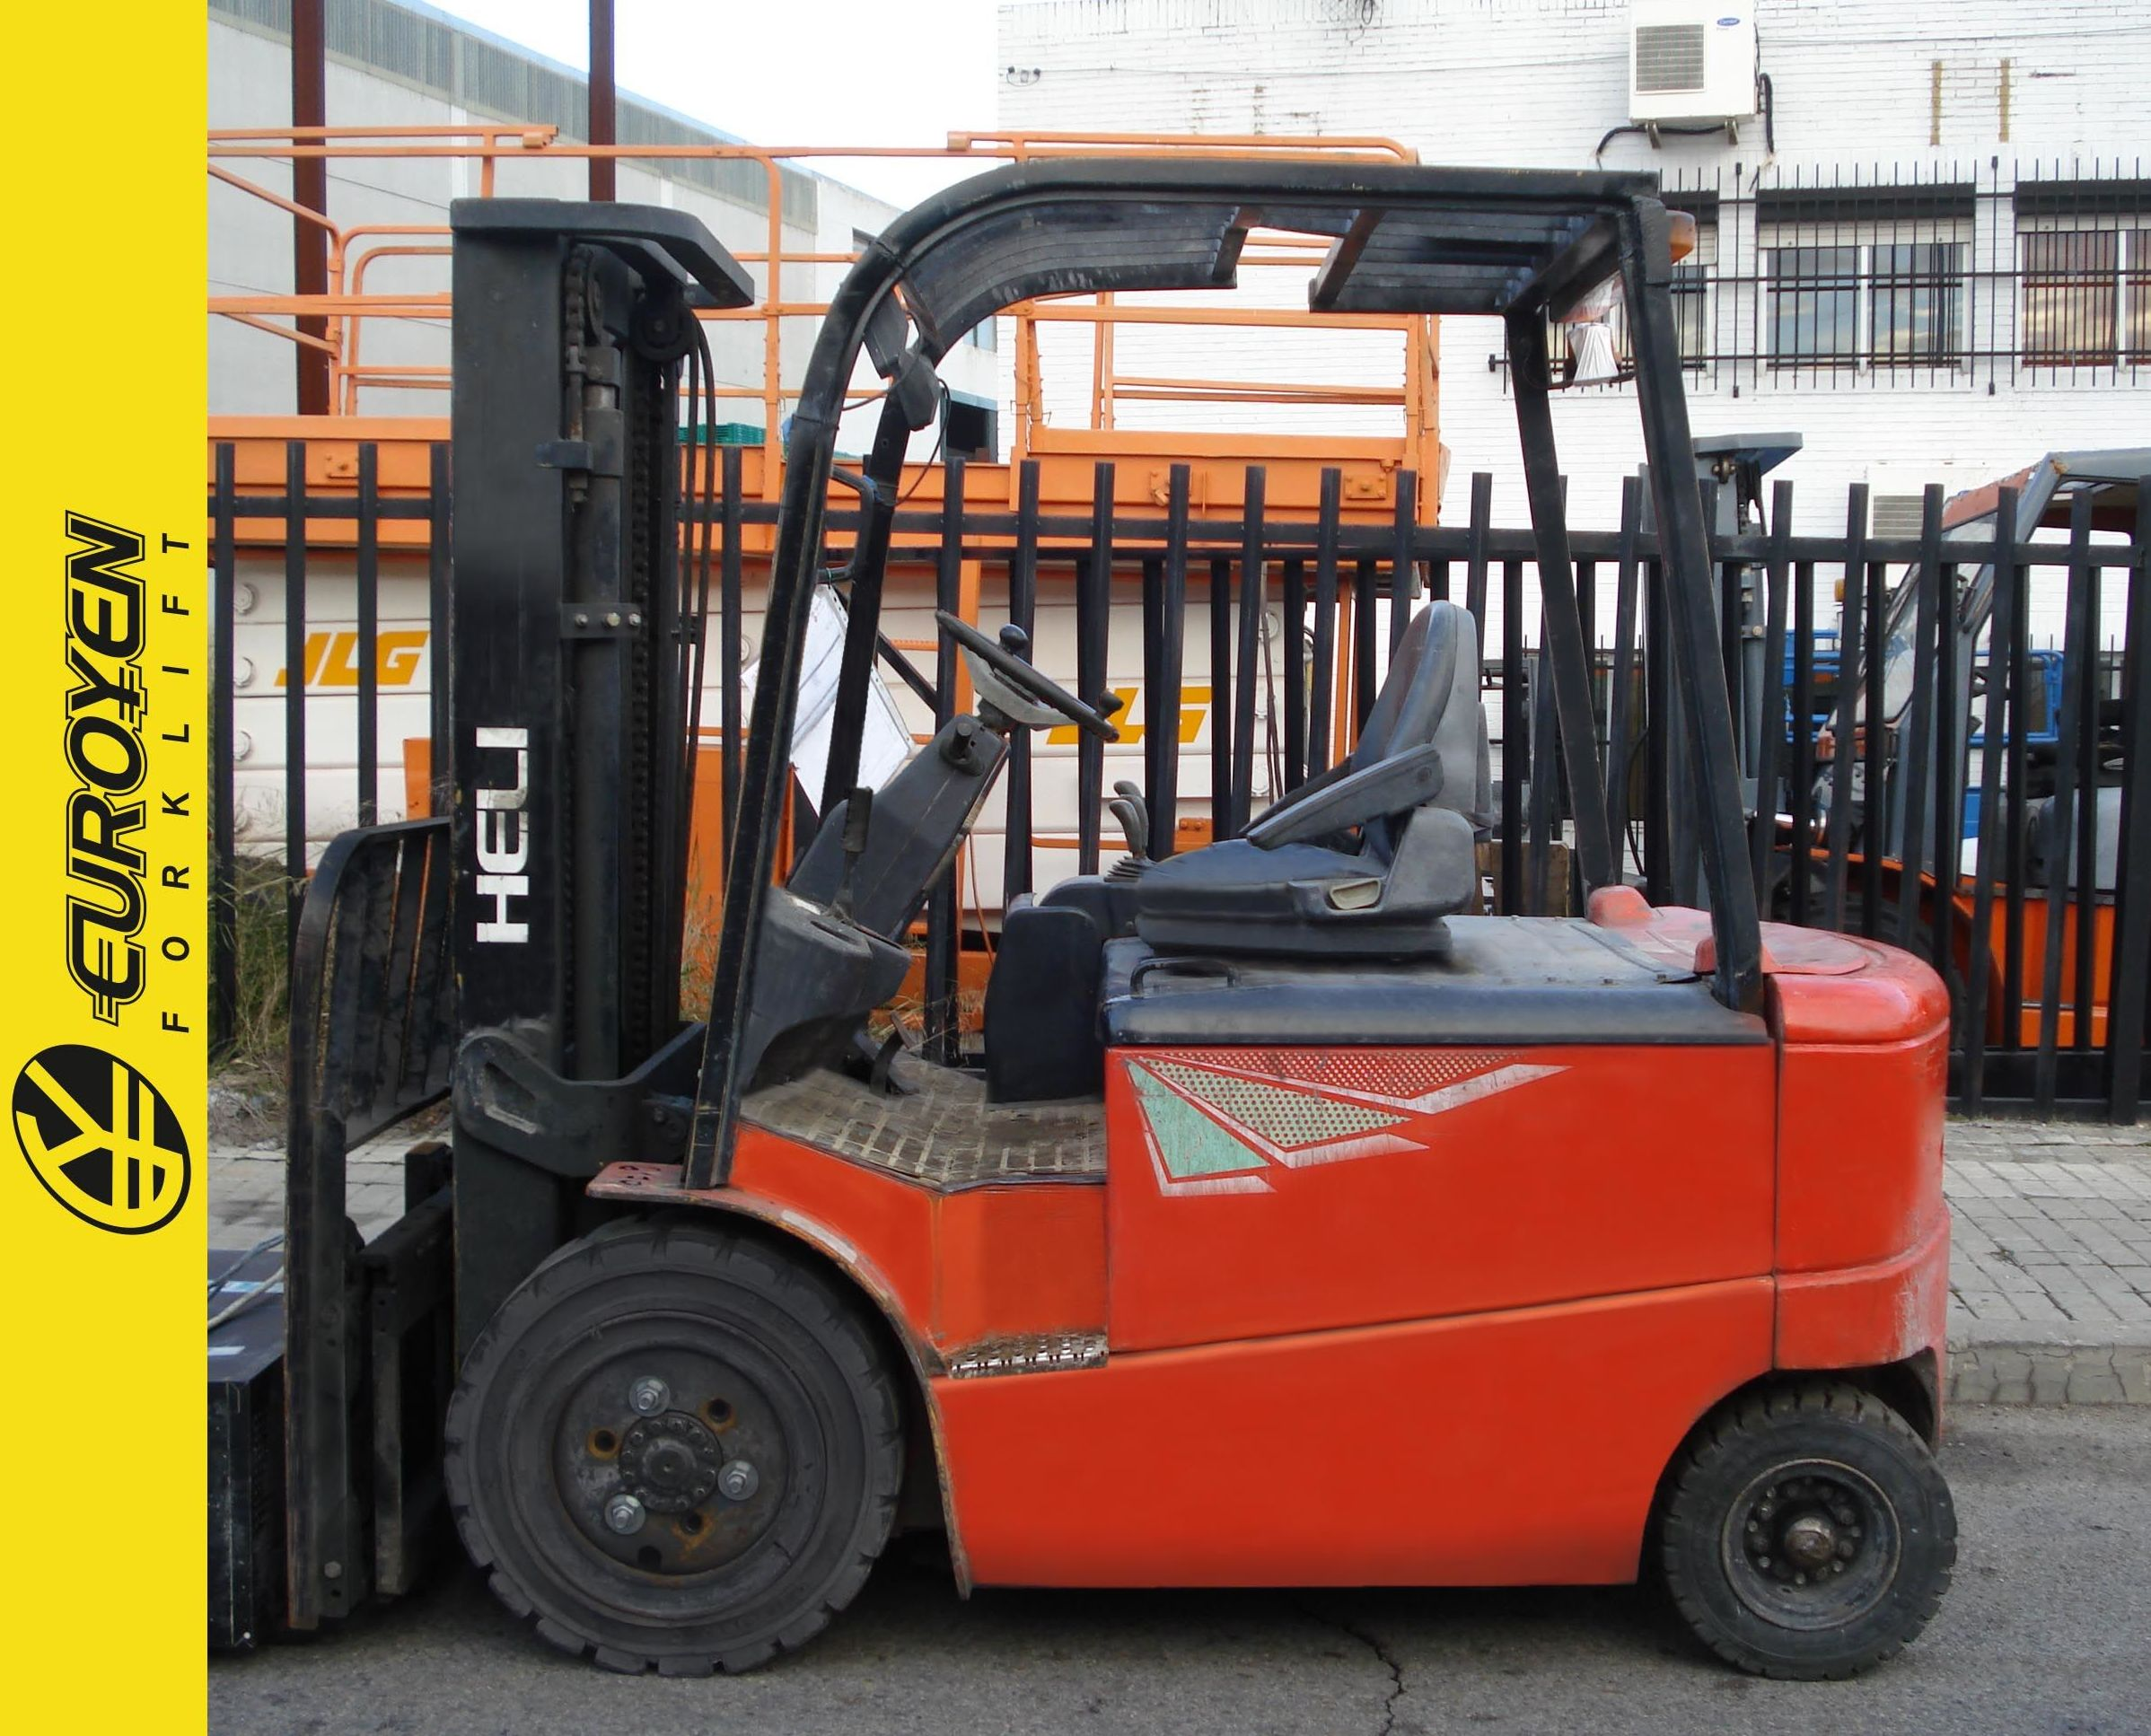 Carretilla eléctrica HELI Nº 6179: Productos y servicios de Comercial Euroyen, S. L.